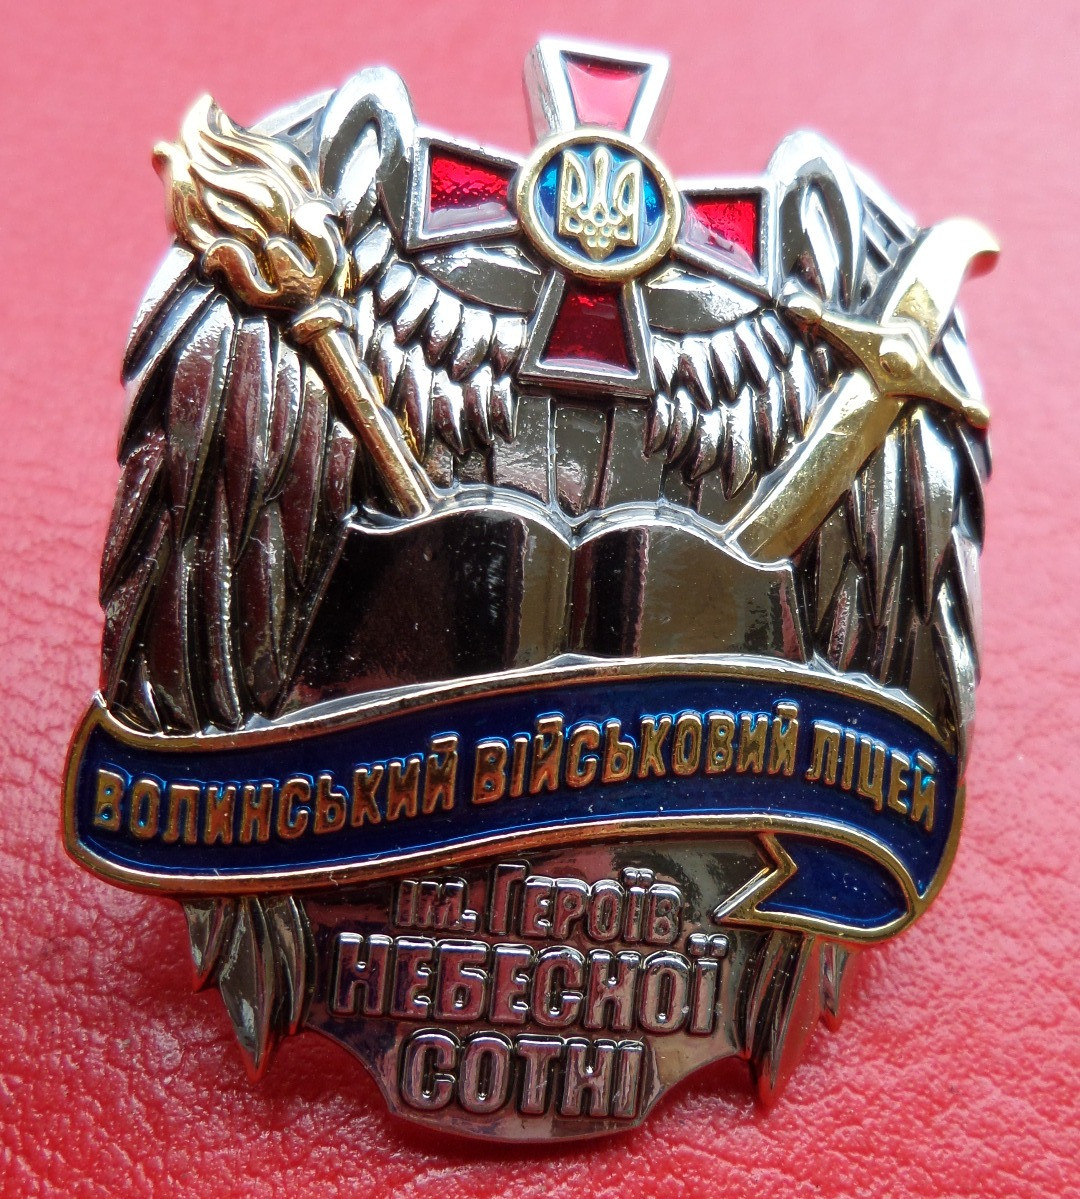 Нагрудный знак «Волинський військовий ліцей ім. Героїв небесної сотні»